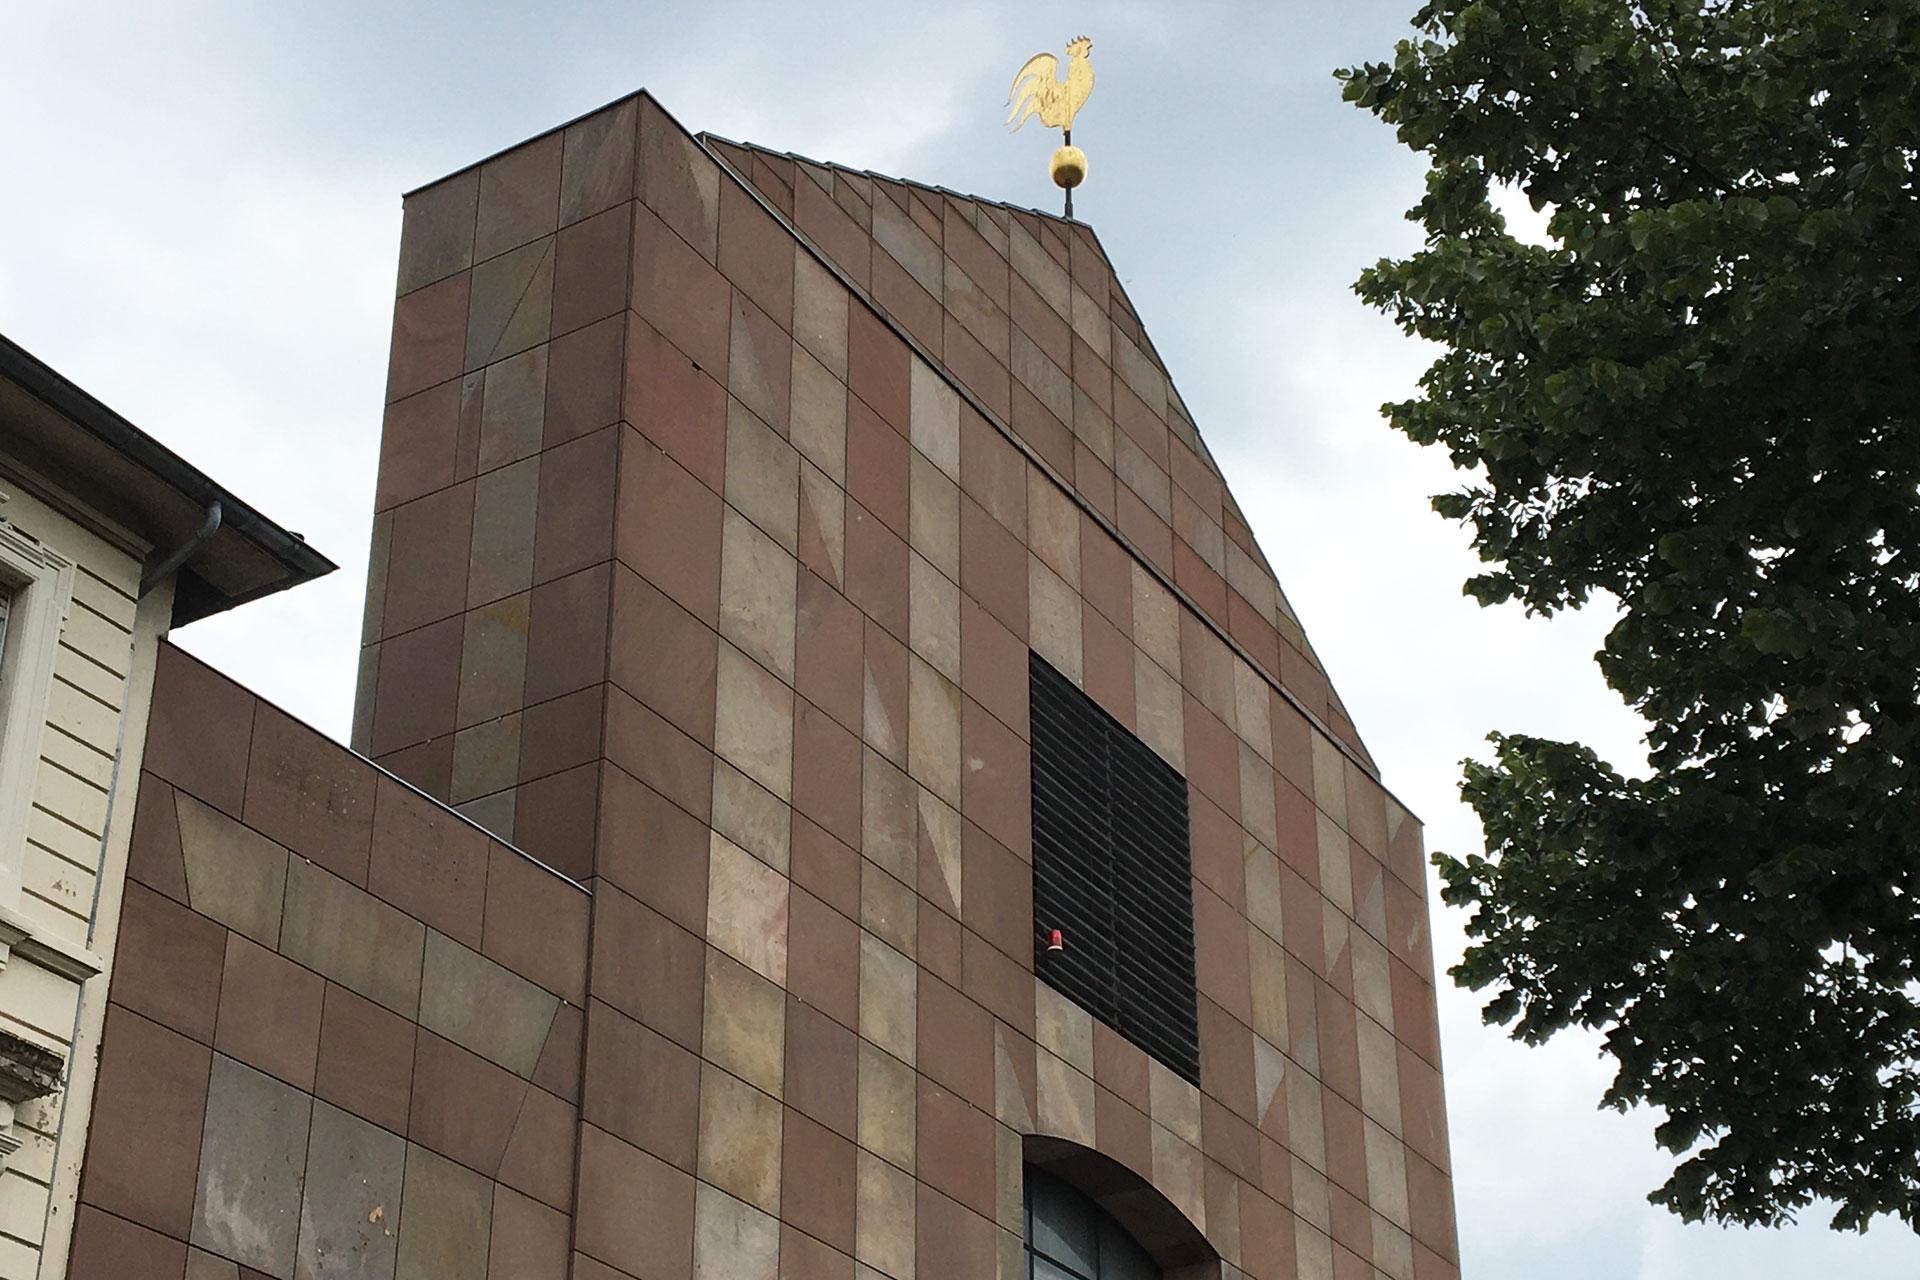 Die Fassade, drei Portale und der Wetterhahn der Jugendkirche St. Albertus in Mönchengladbach sind Arbeiten von Georg Ettl